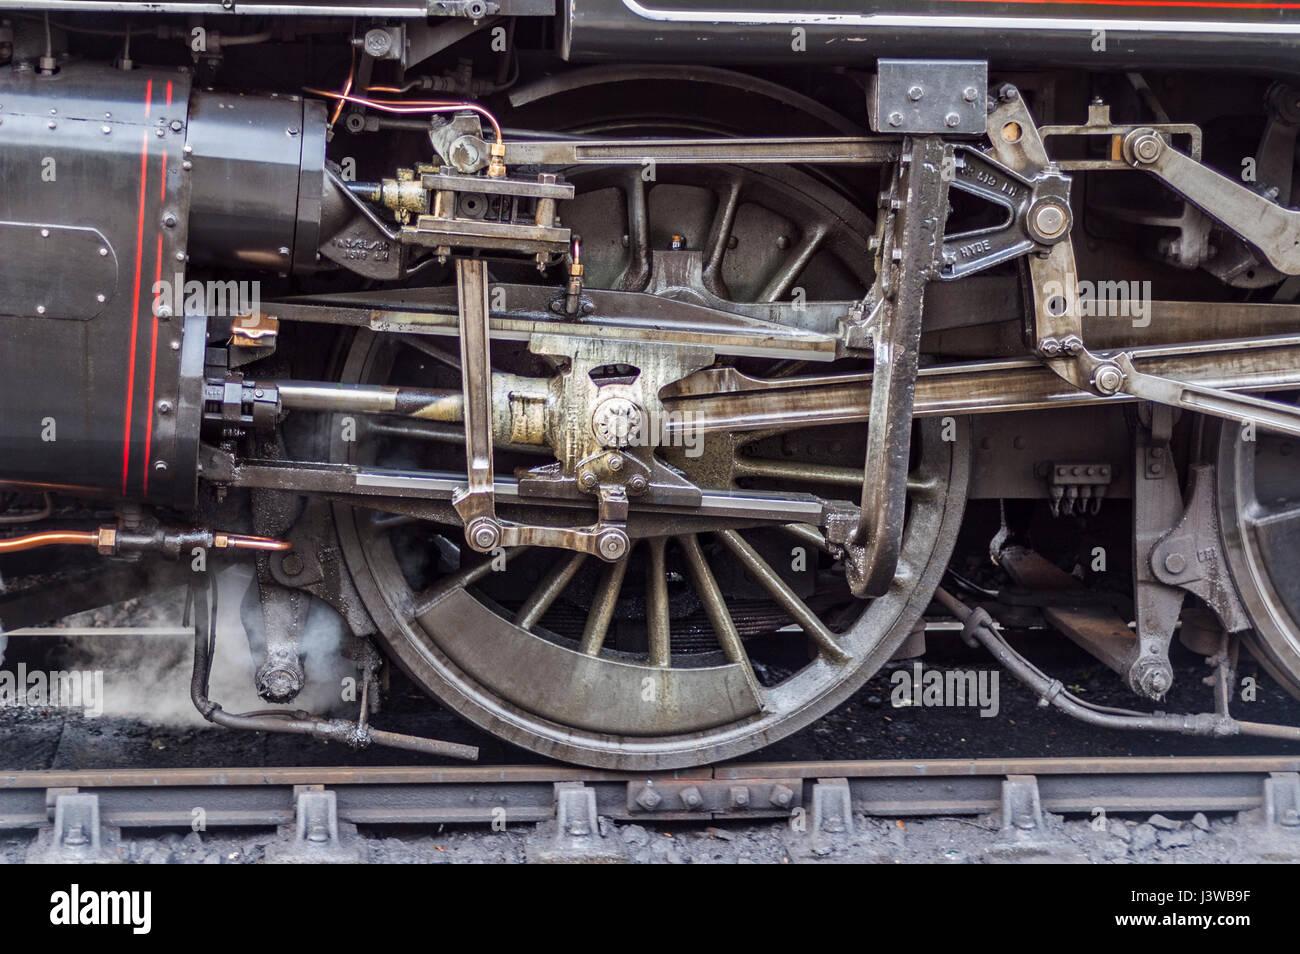 Libre de la roue sur une vieille locomotive à vapeur. Photo Stock